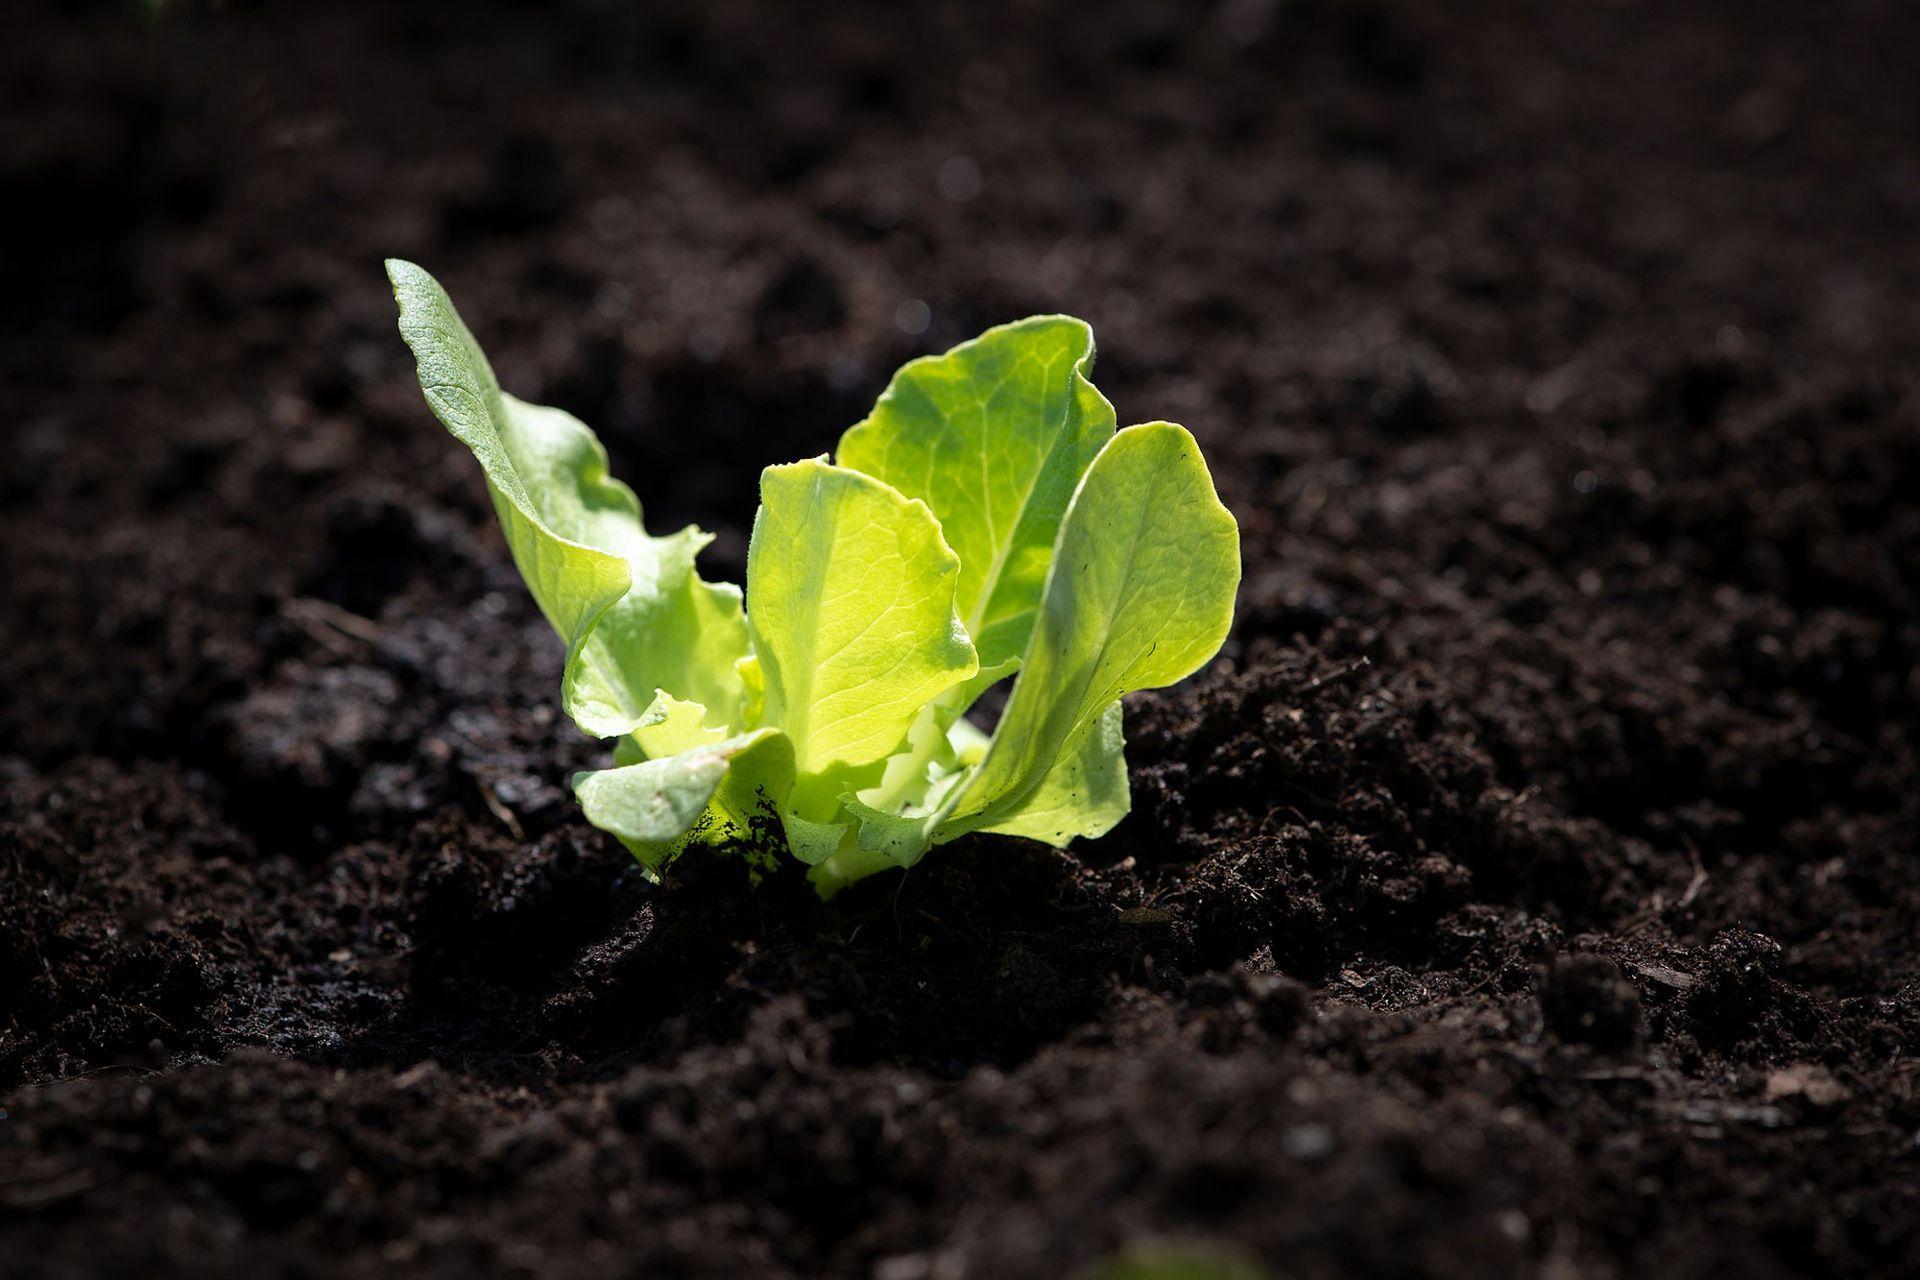 Un buen sustrato es fundamental para el buen desarrollo de las lechugas. Si presenta exceso de abonos nitrogenados o de compost fresco, pueden aparecer pulgones. El exceso de riego y la humedad promueven podredumbres y el ataque de babosas.